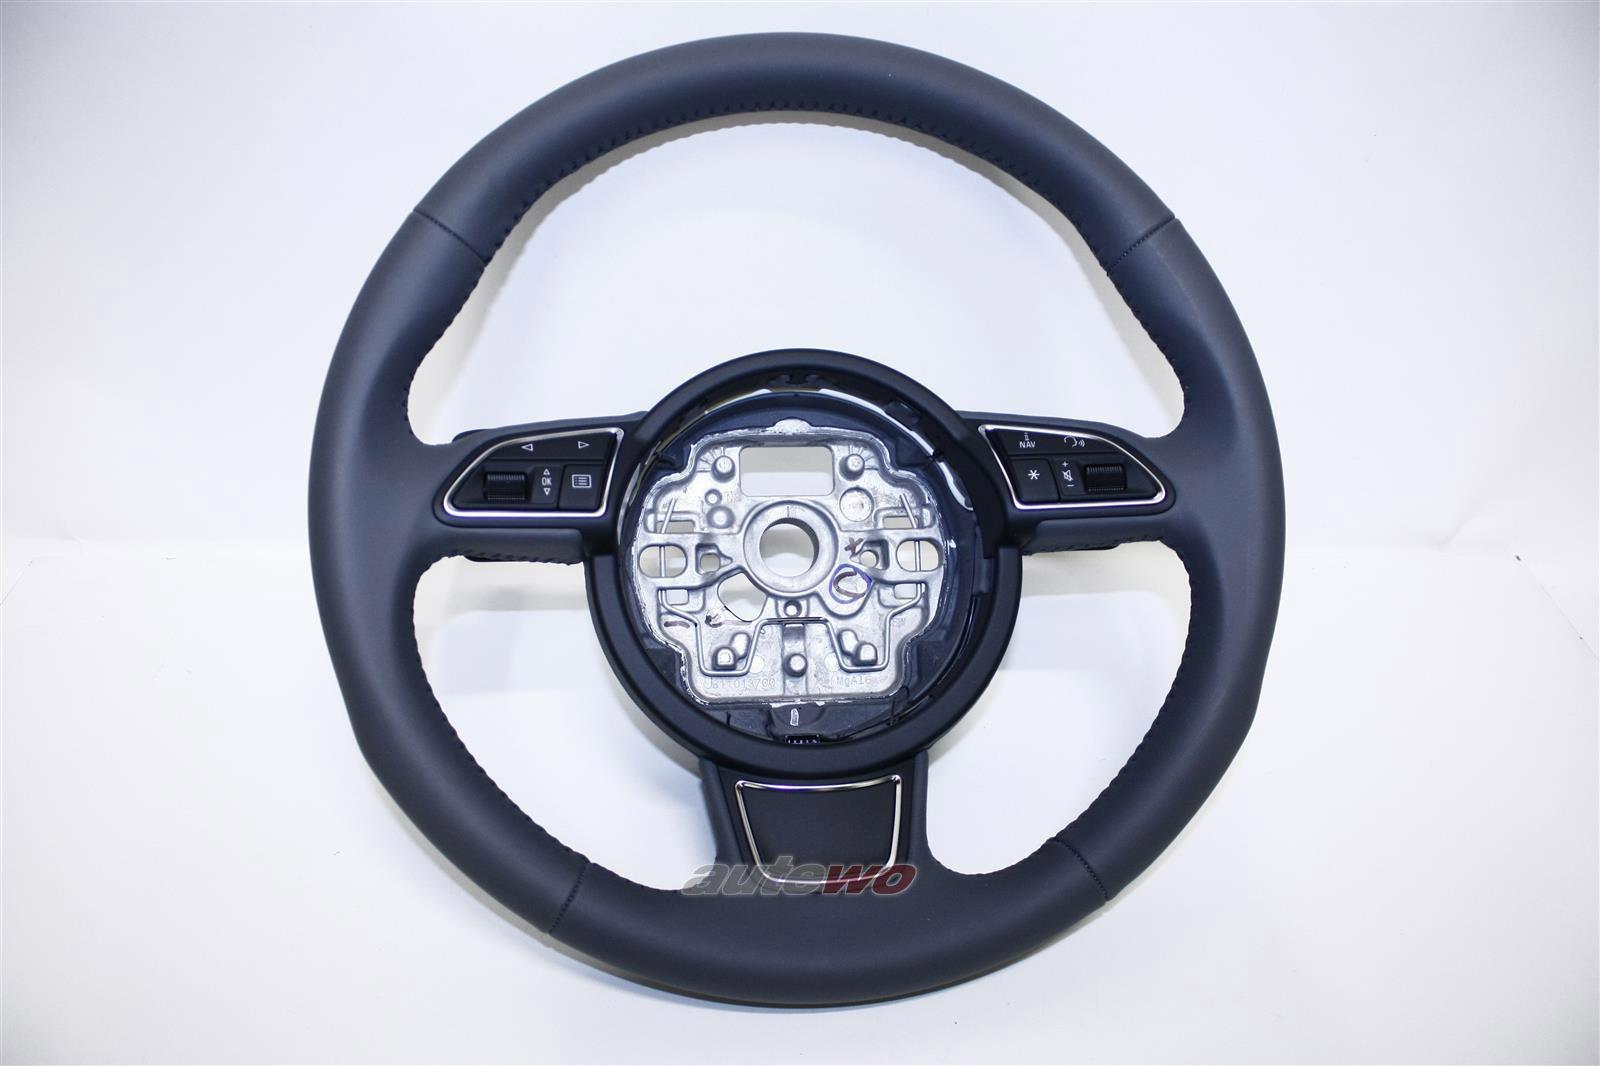 4G0419091S NEU Audi A1/A6/S6/RS6 4G/A7/S7/RS7 Sport-Leder-Lenkrad DB6 stahlgrau